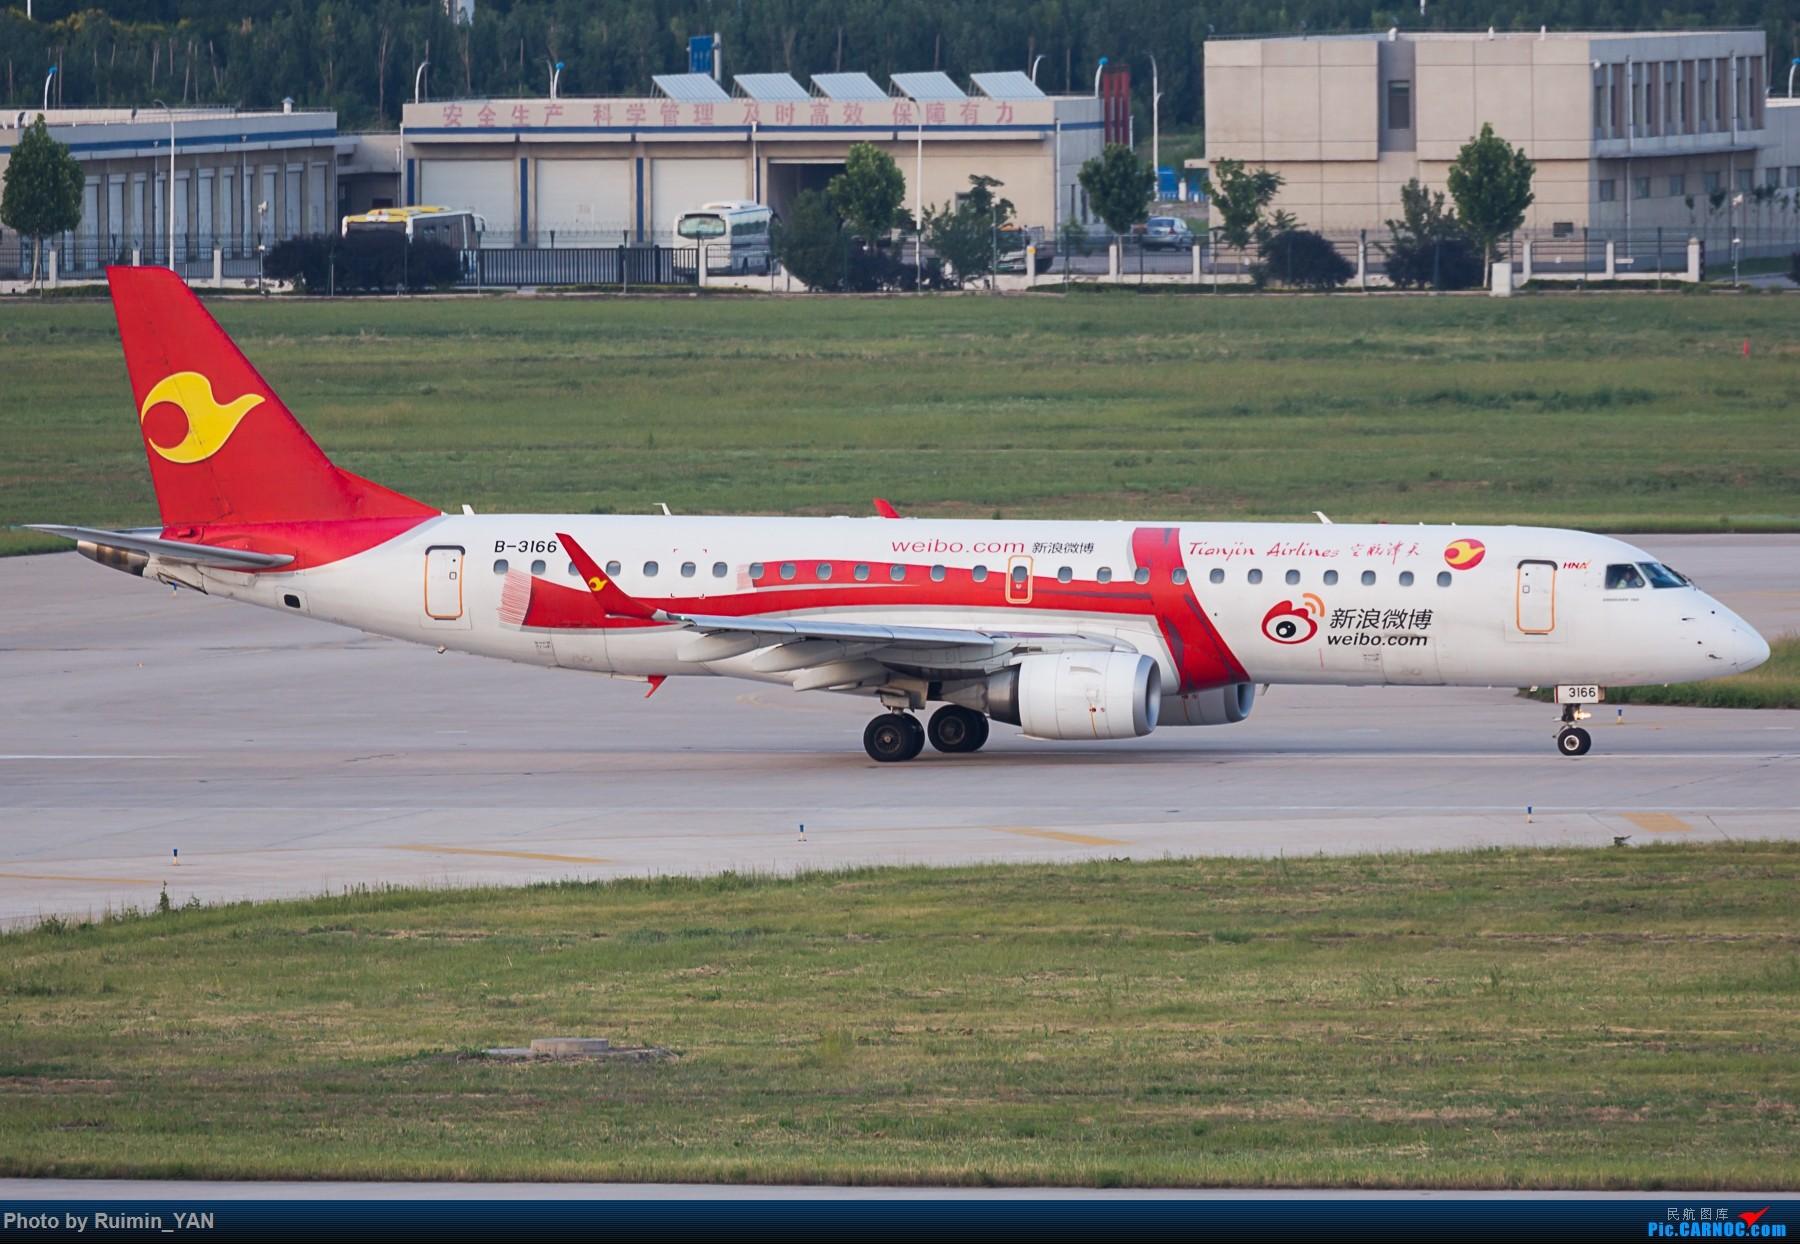 [原创]【TSN】【 彩绘】天津航空新浪微博号(GS) B-3166 E190 EMBRAER E-190 B-3166 中国天津滨海国际机场